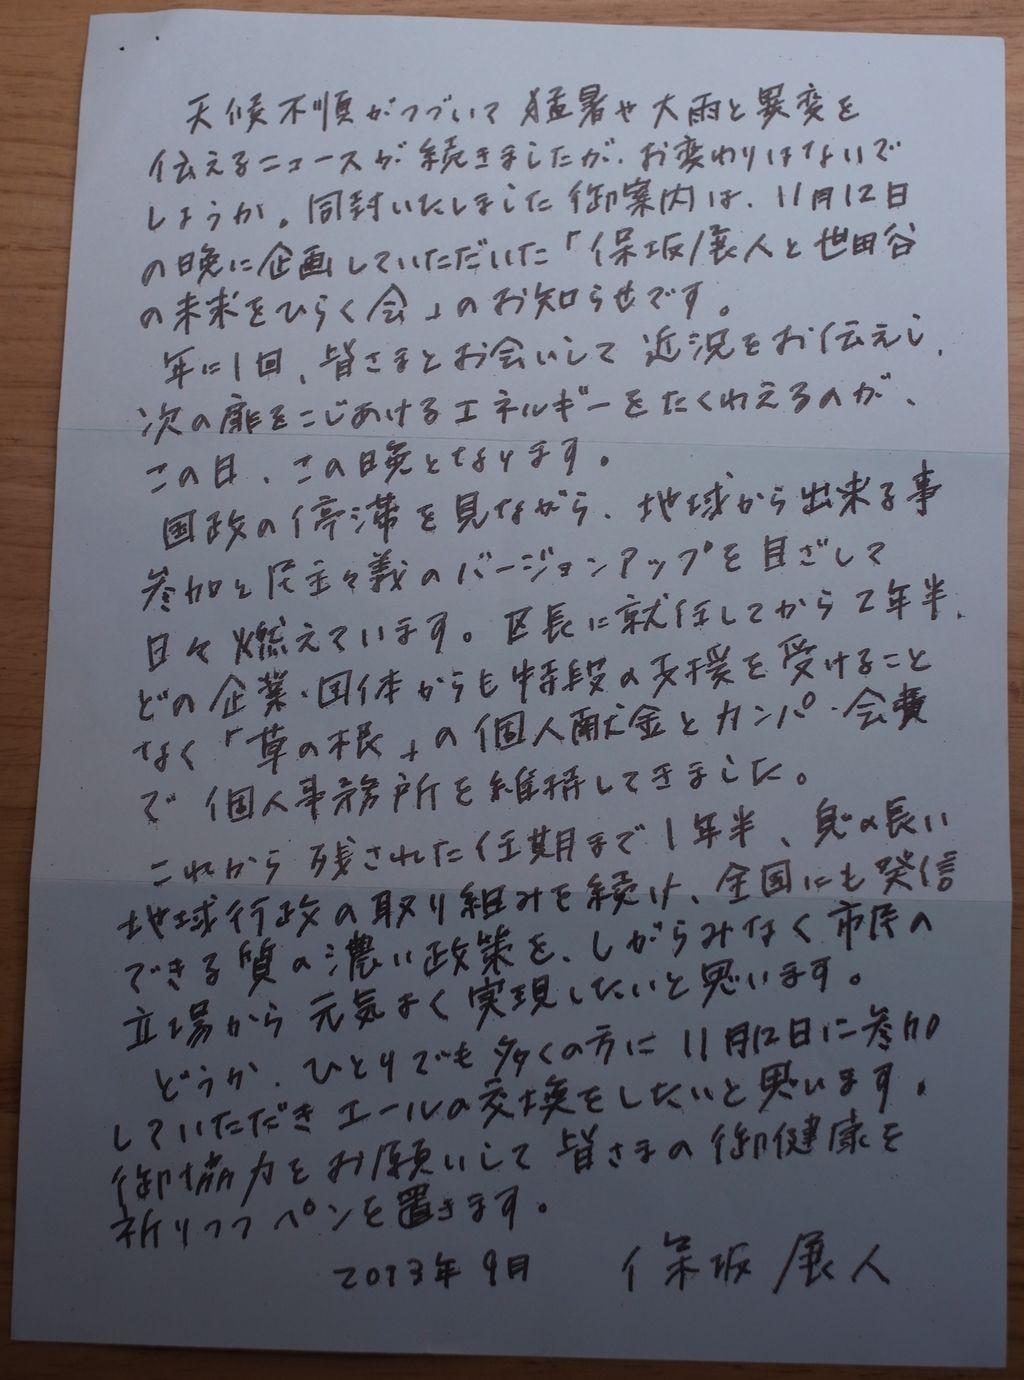 結婚式 友人 スピーチ 手紙形式 例文